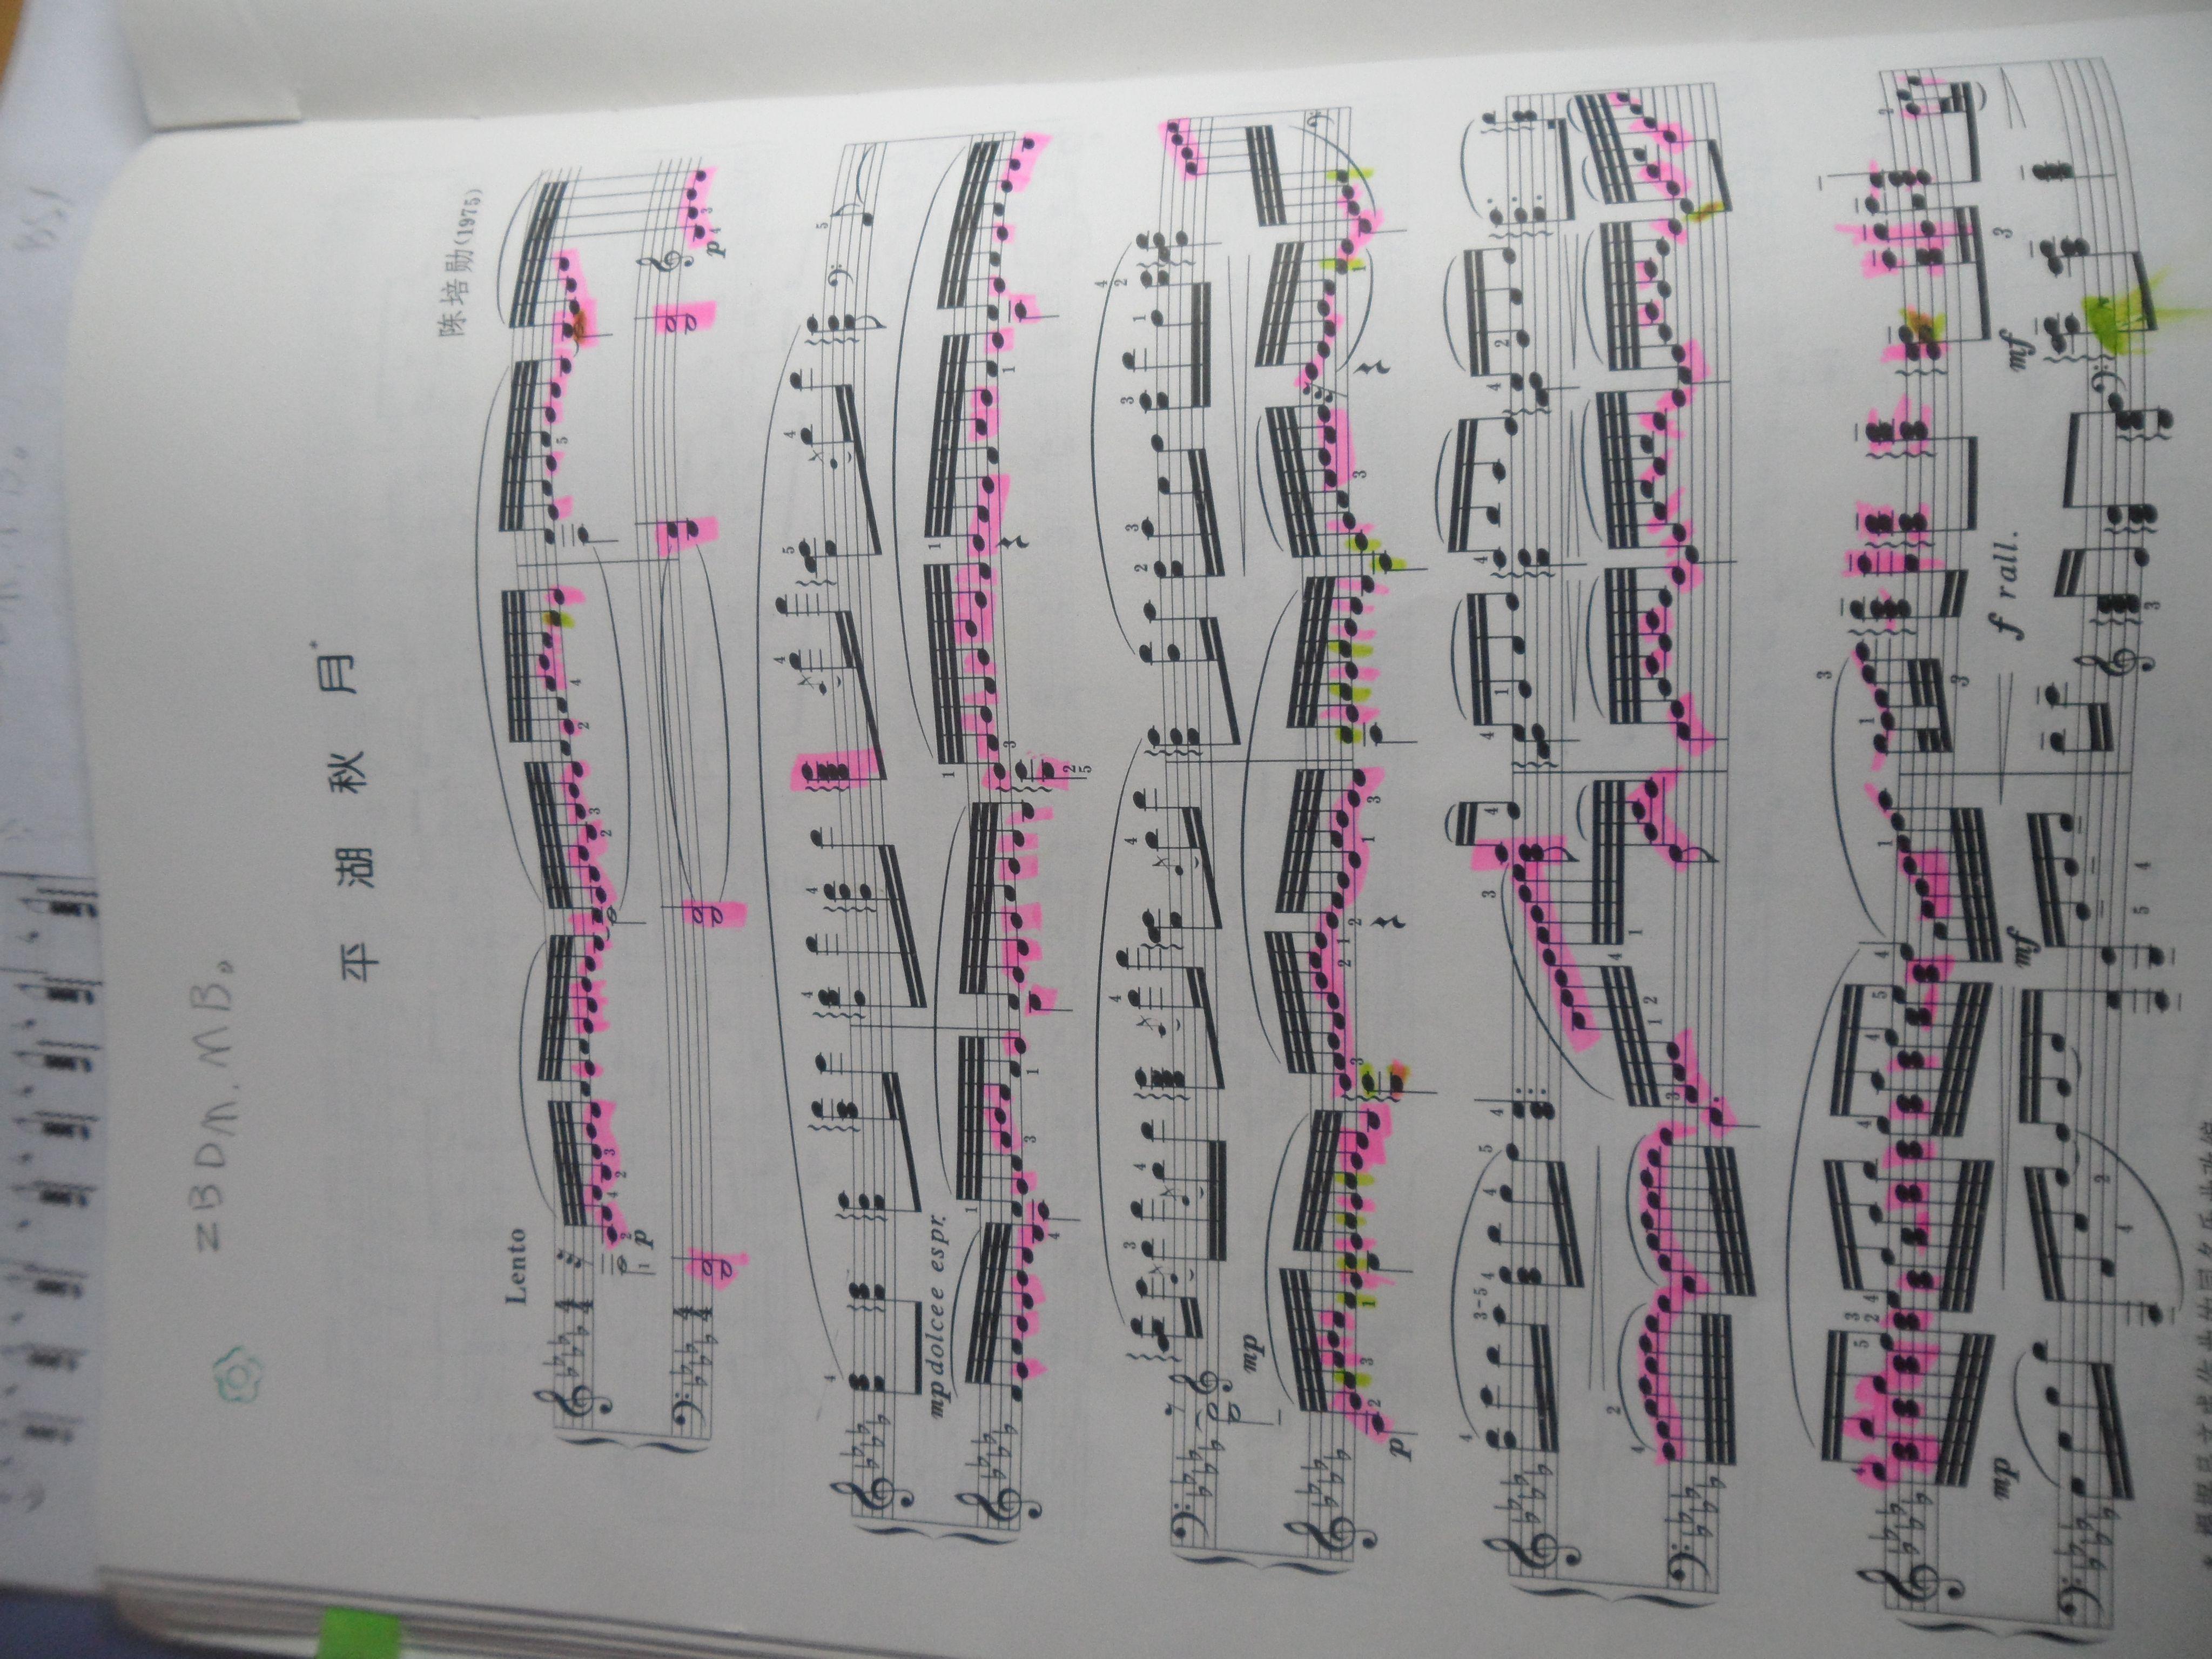 喀秋莎吉他谱图片展示_喀秋莎吉他谱相关图片下载